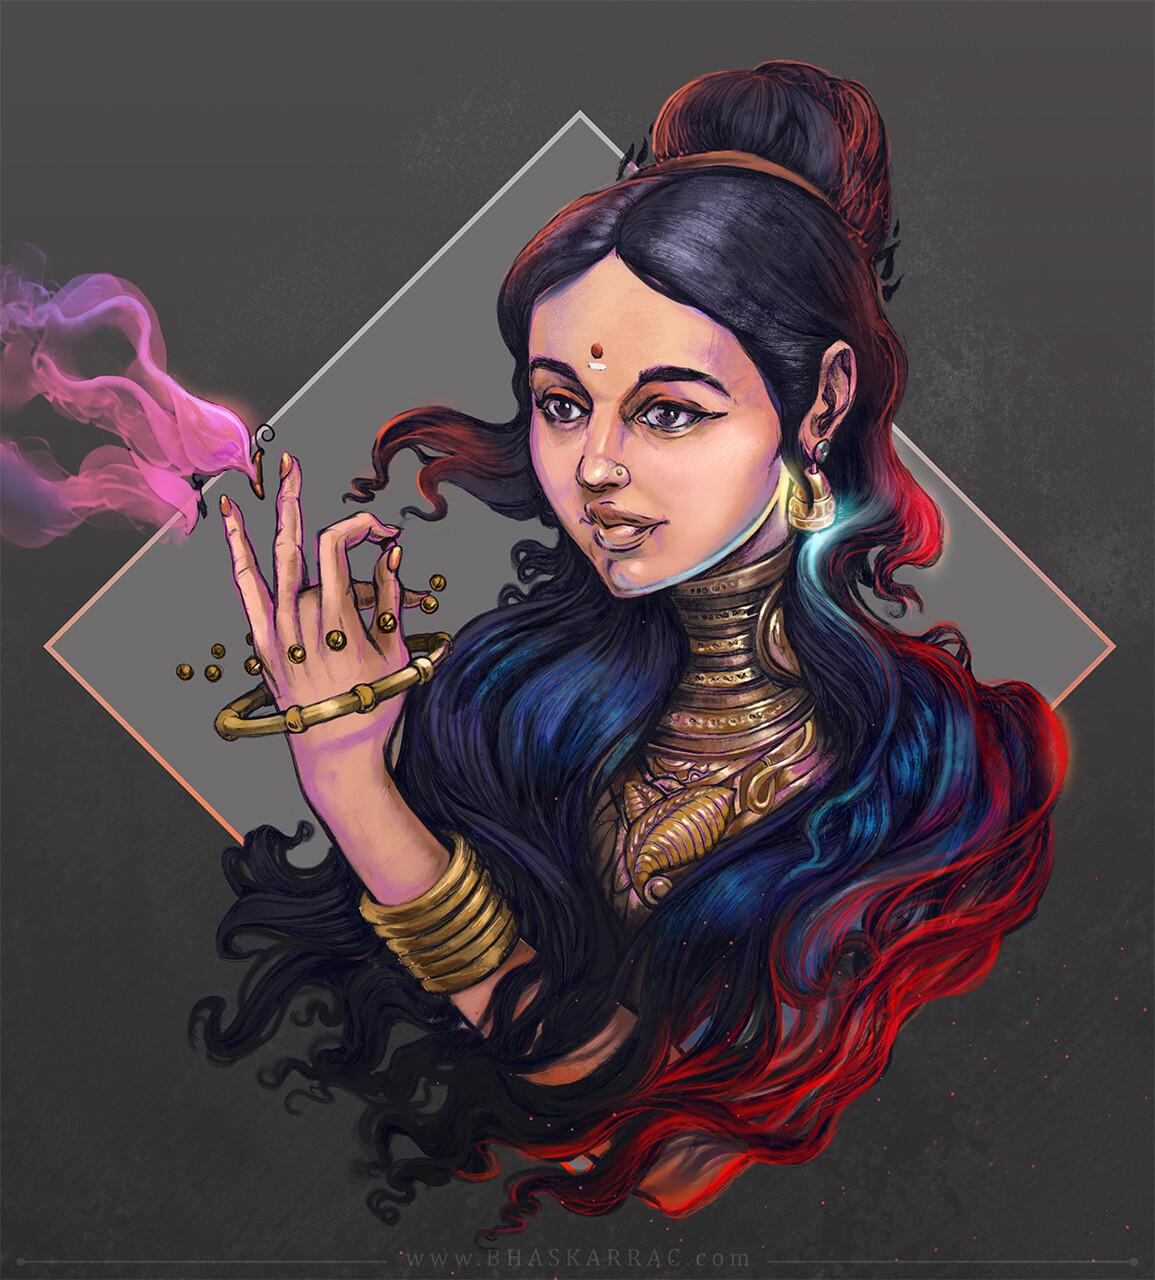 Samsara in her hand